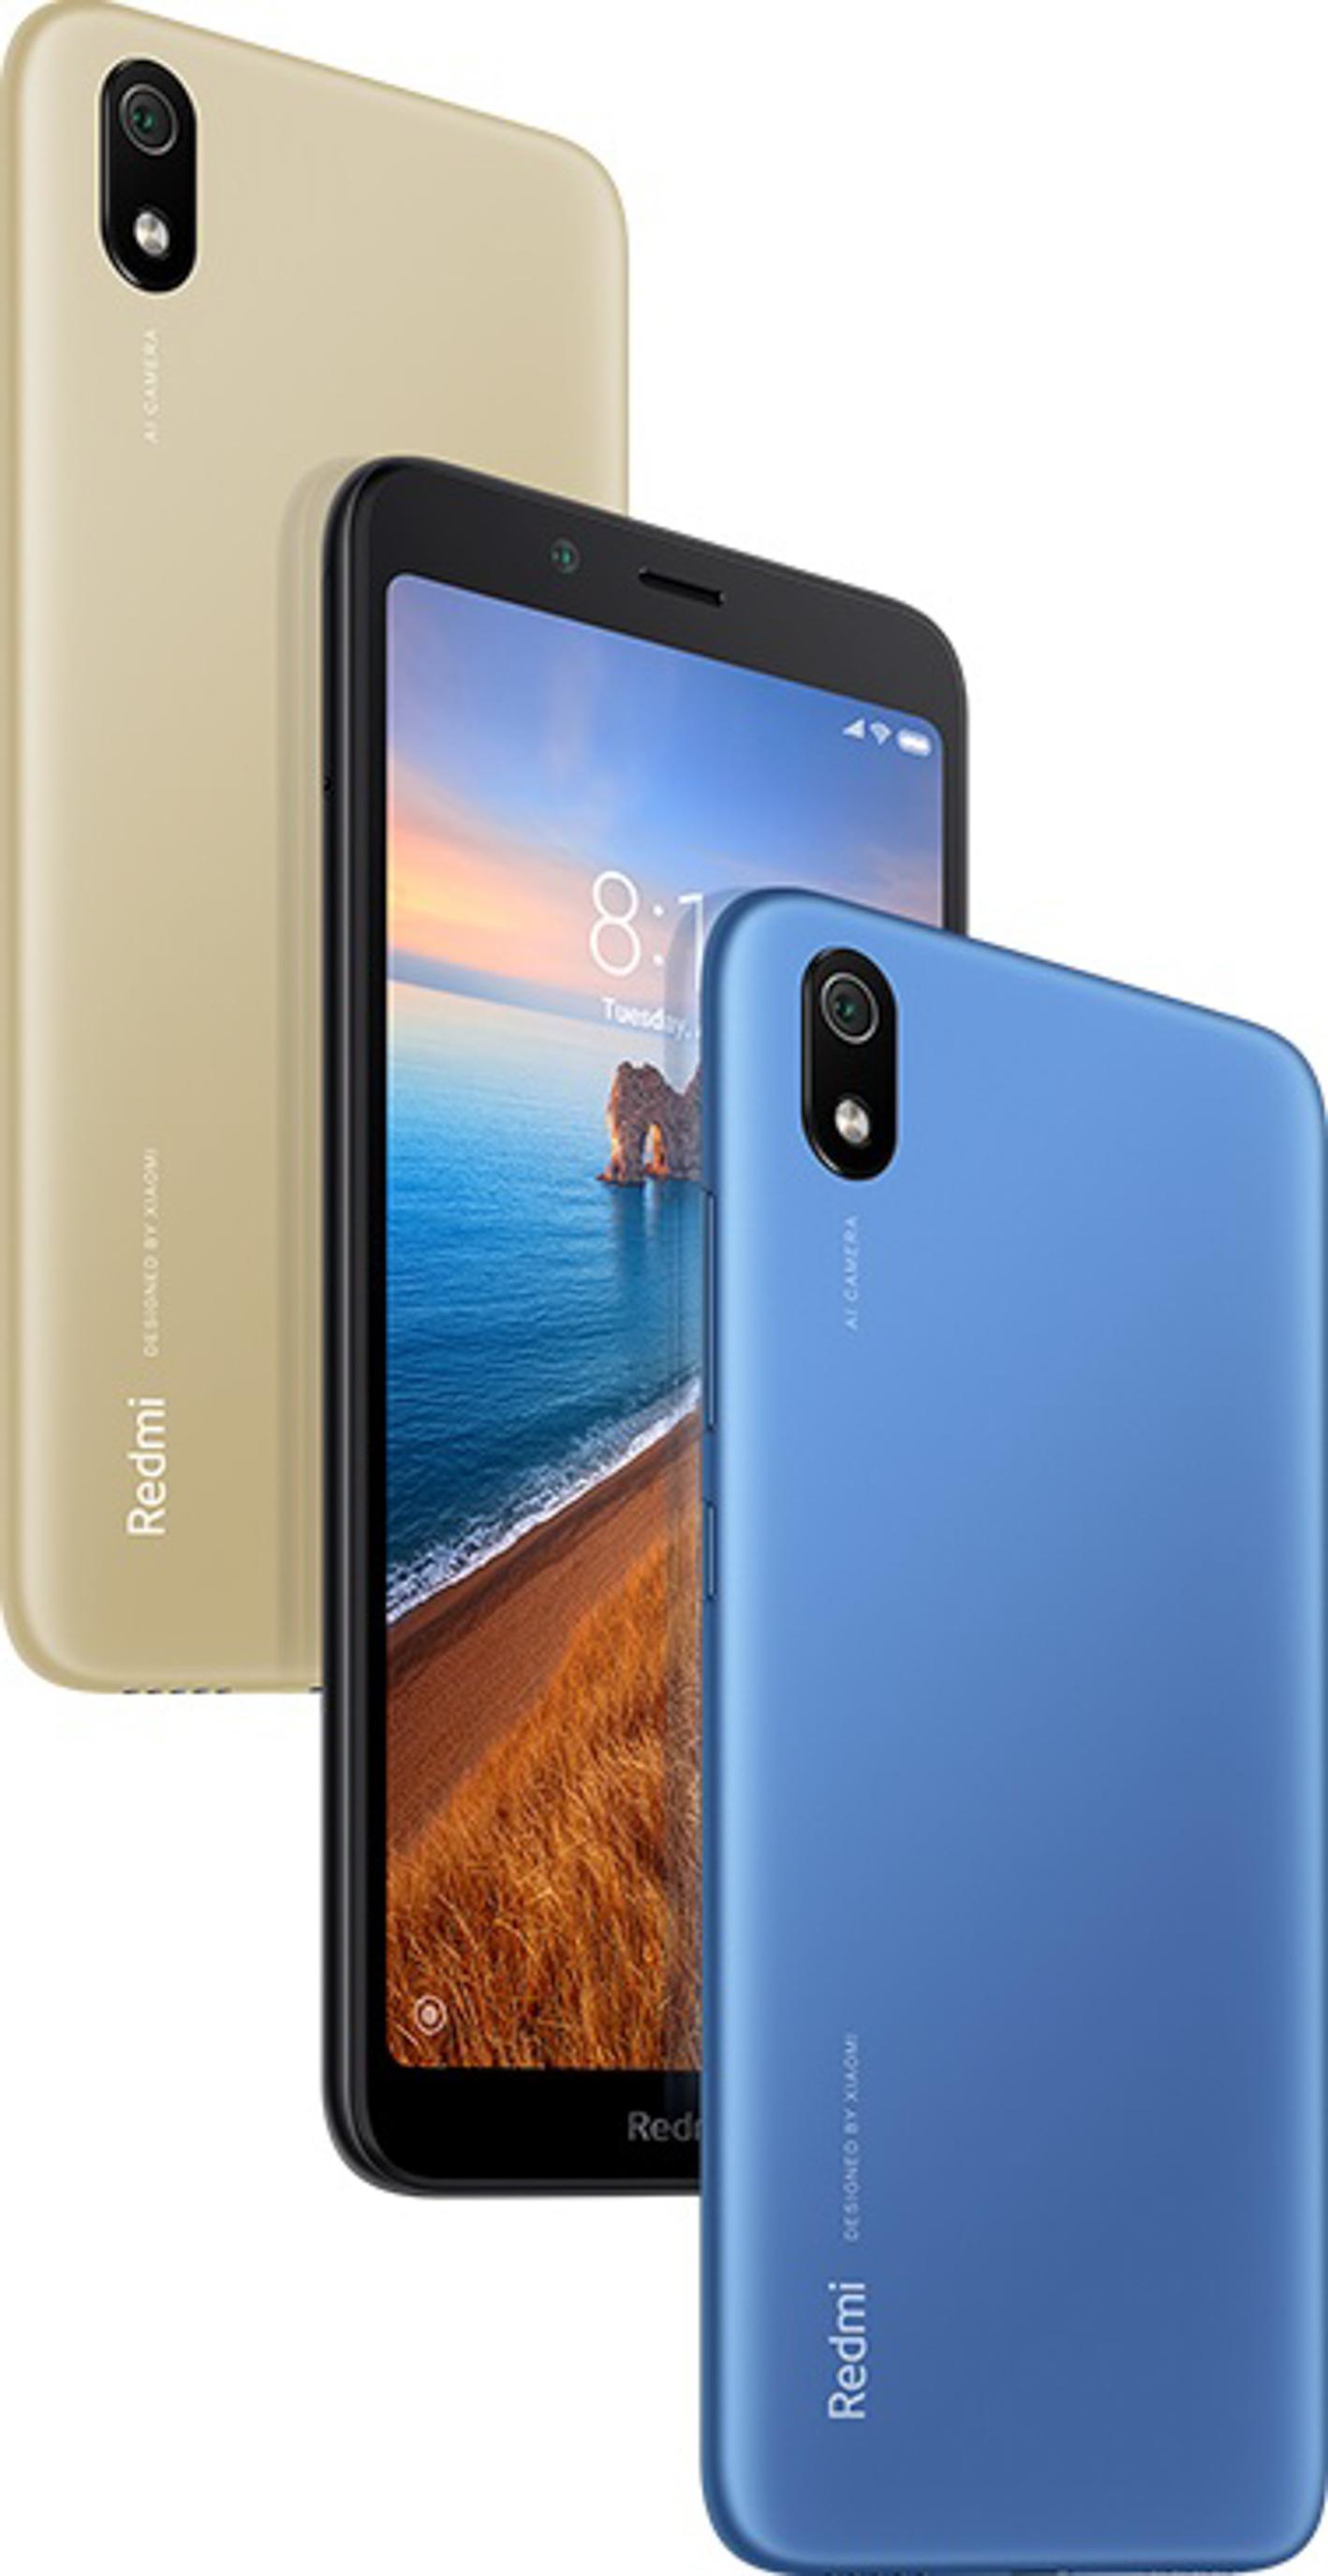 Самые лучшие смартфоны среднего уровня 2019 года до 20000 рублей Купить Realme XT- Купить Honor.